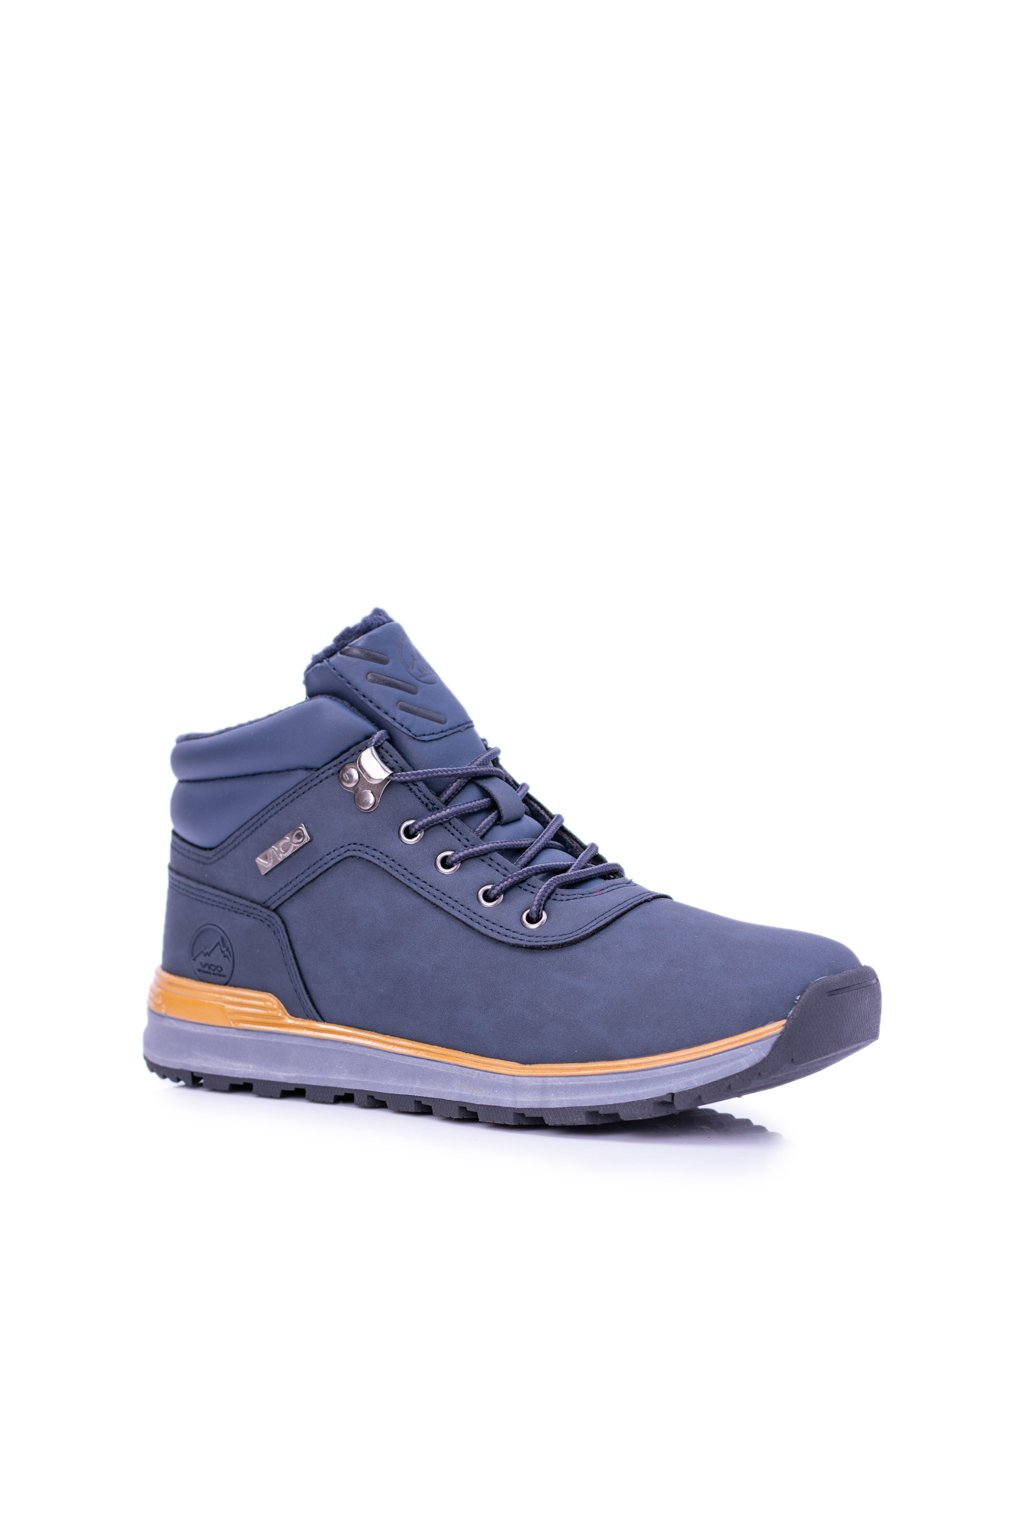 Tmavo modré pánske trekové topánky Preventi